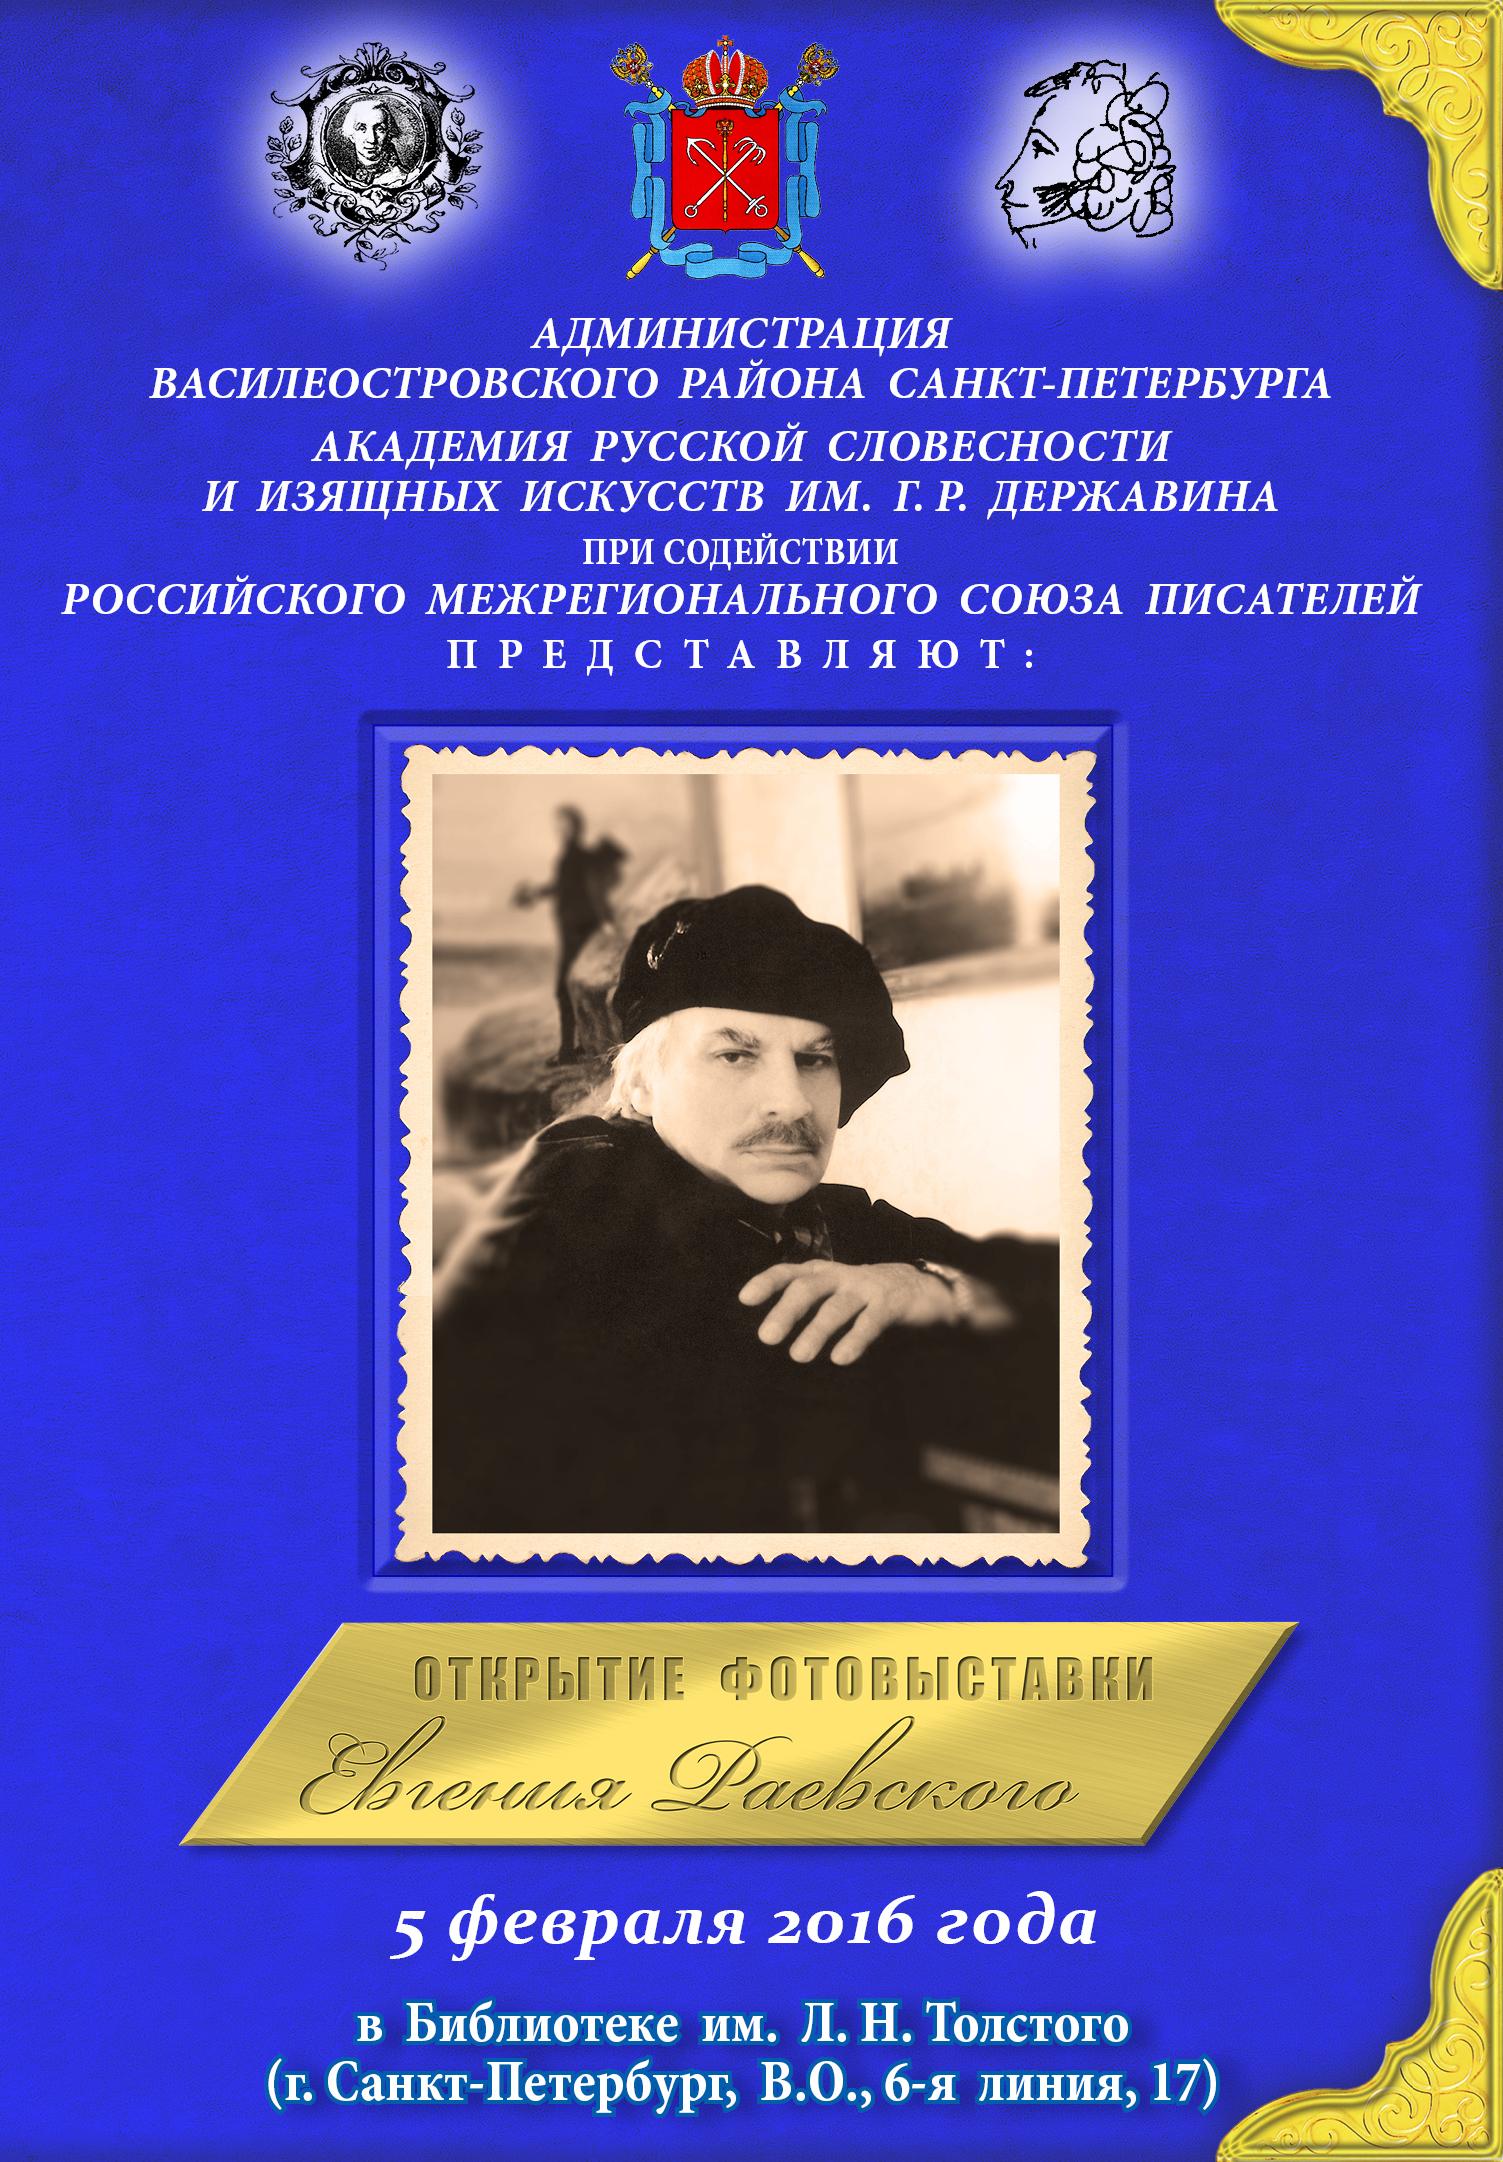 Вкладыш Раевский Выставка февраль 2016